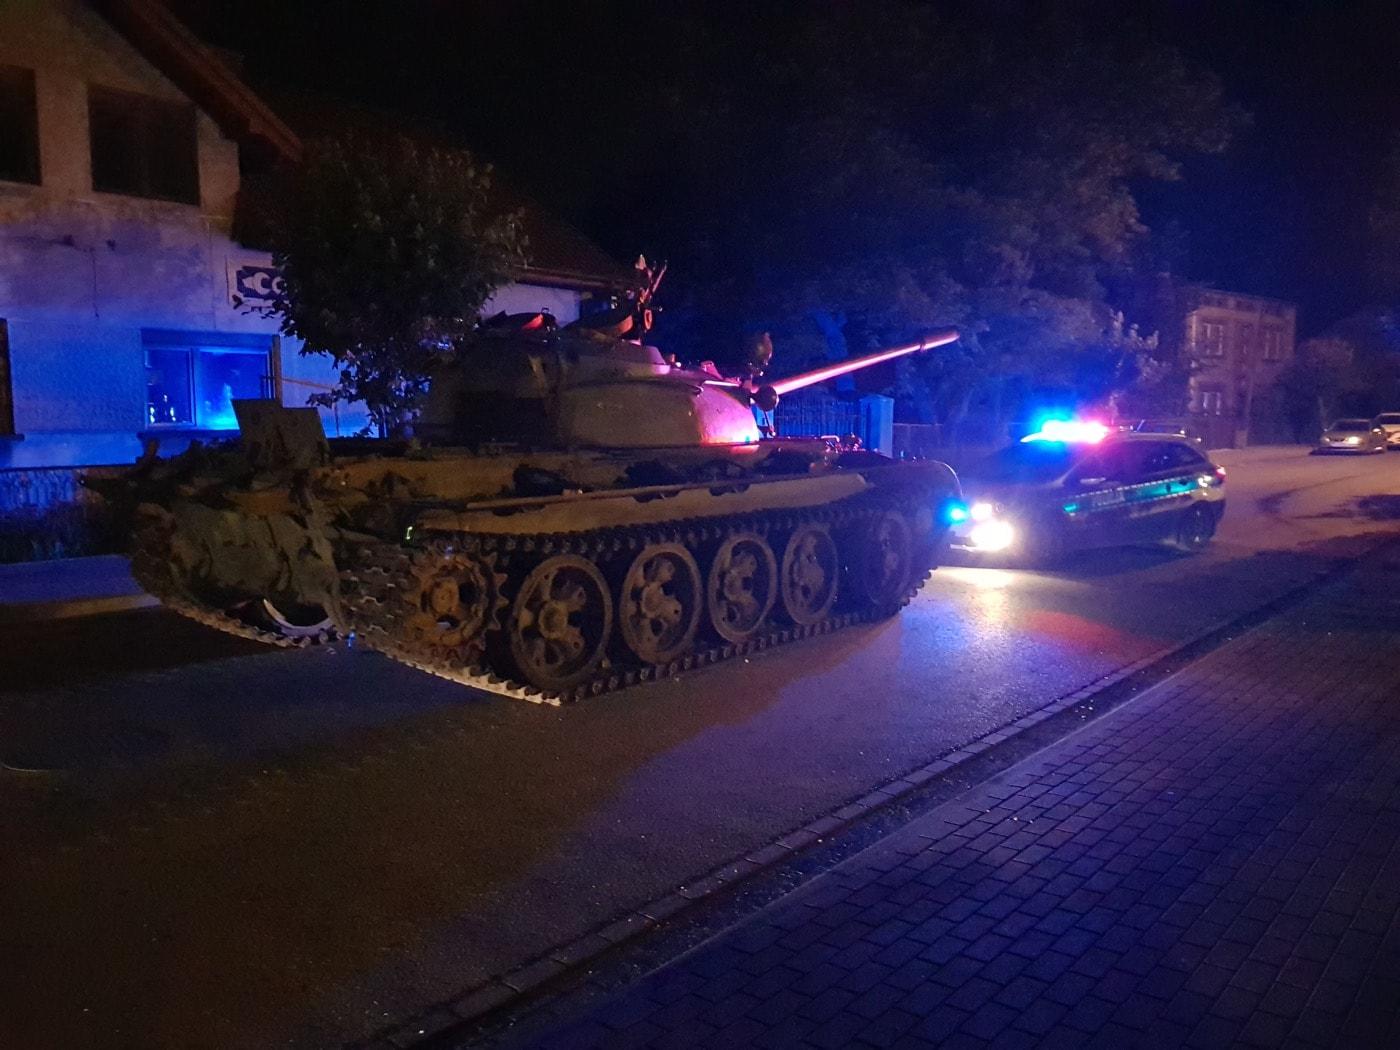 Opitý Poliak jazdil v meste s tankom: Hrozí mu 8 rokov väzenia